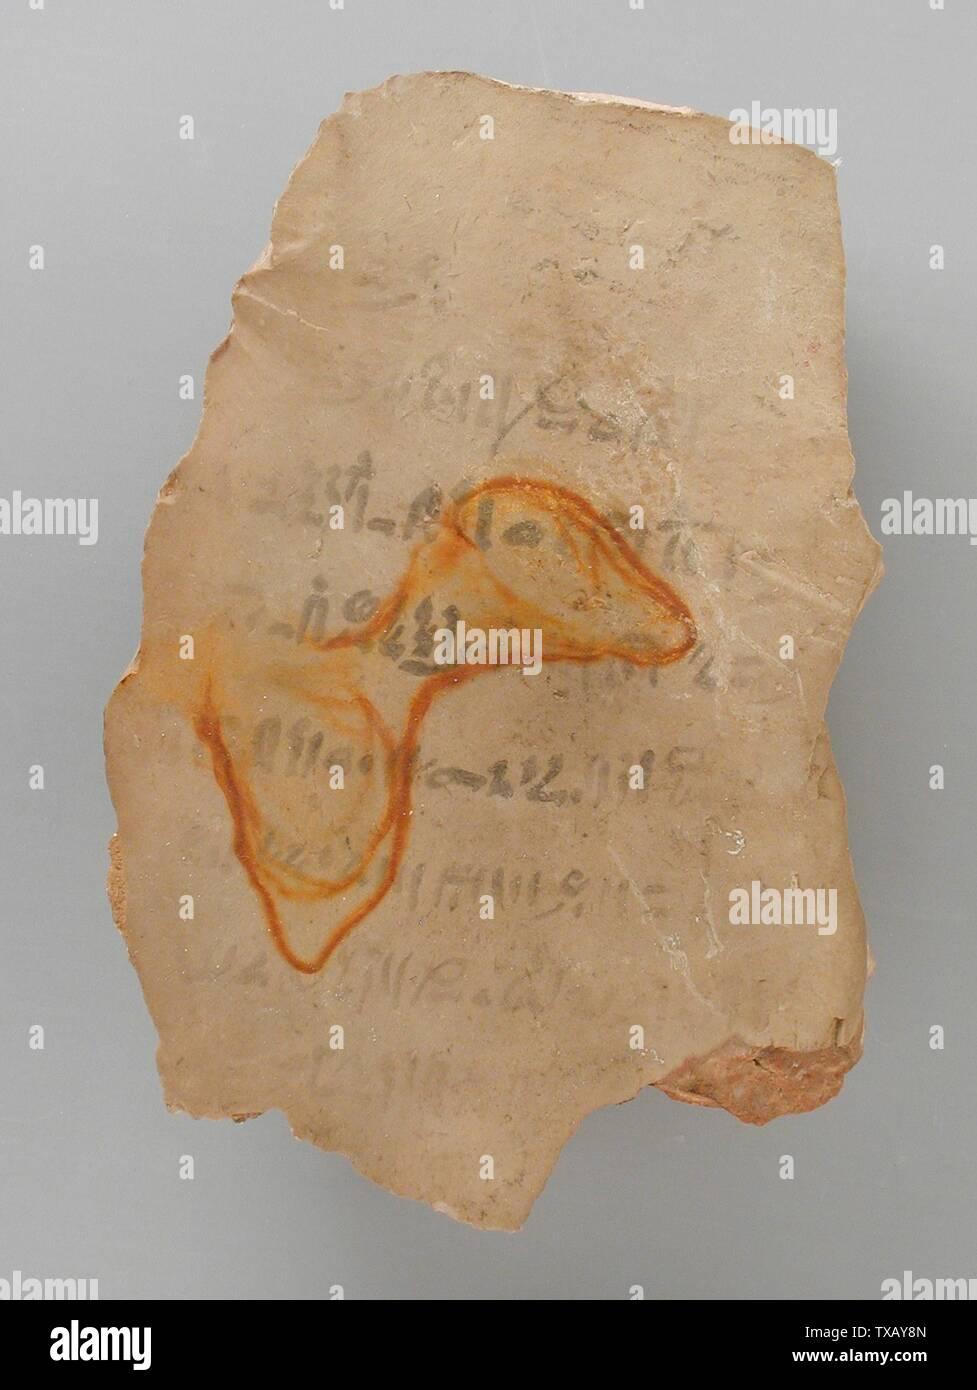 'Ostracon avec dimensions d'une chambre, peut-être une tombe royale; la Haute Égypte, Thèbes, probablement Vallée des Rois, Nouvel Empire, 19e dynastie (1315 - 1201 avant notre ère) Outils et équipement; calcaire ostraka 5 3/4 x 3 5/8 in. (14,6 x 9,2 cm Don de Carl W. Thomas (M.80.203.213) L'art égyptien; 19e dynastie (1315 - 1201 avant notre ère); ' Photo Stock